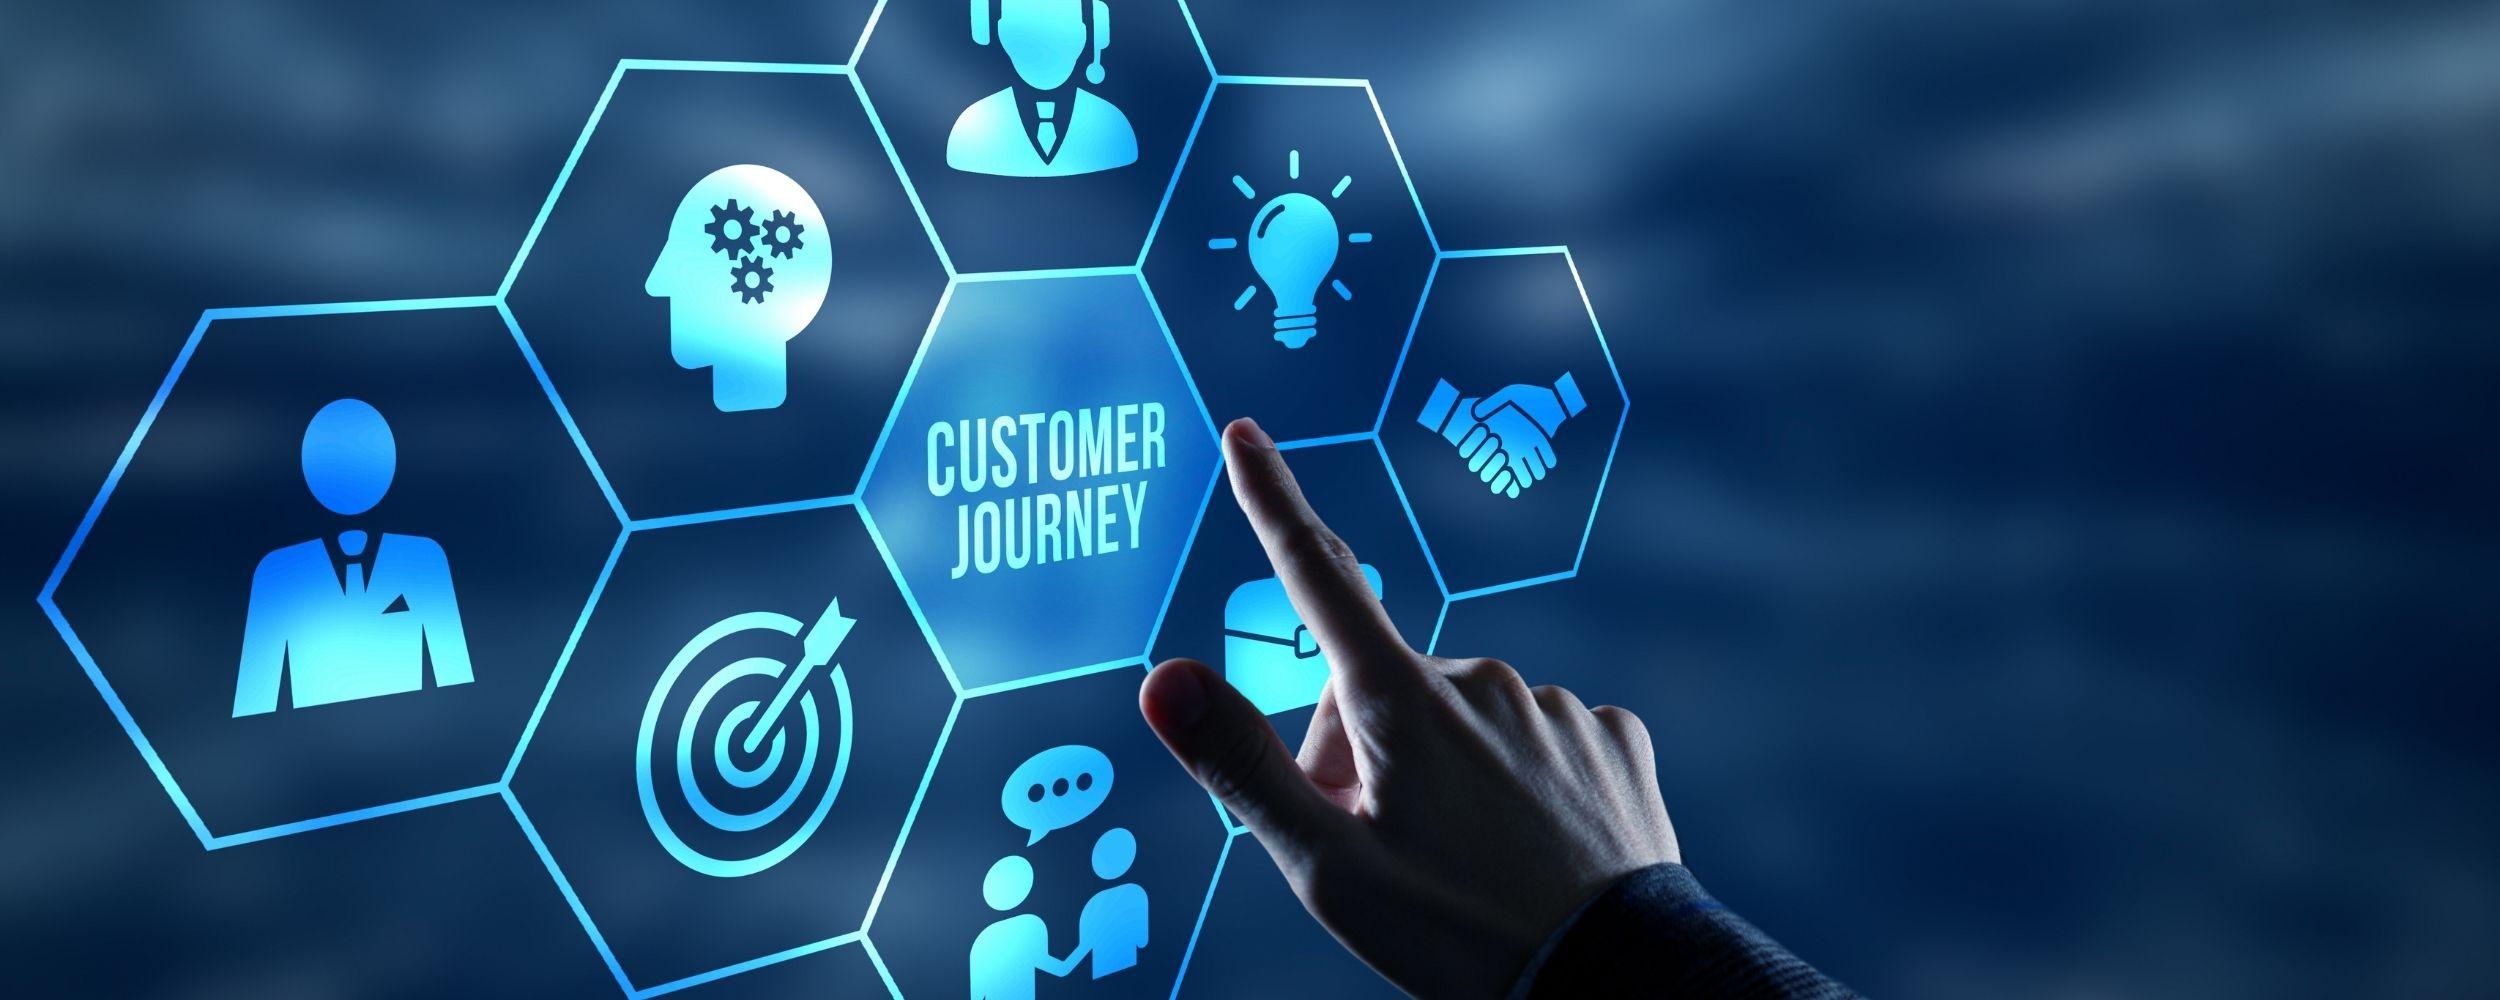 Customer Journey auf verschiedenen Kacheln dargestellt auf die gerade ein Mensch klickt